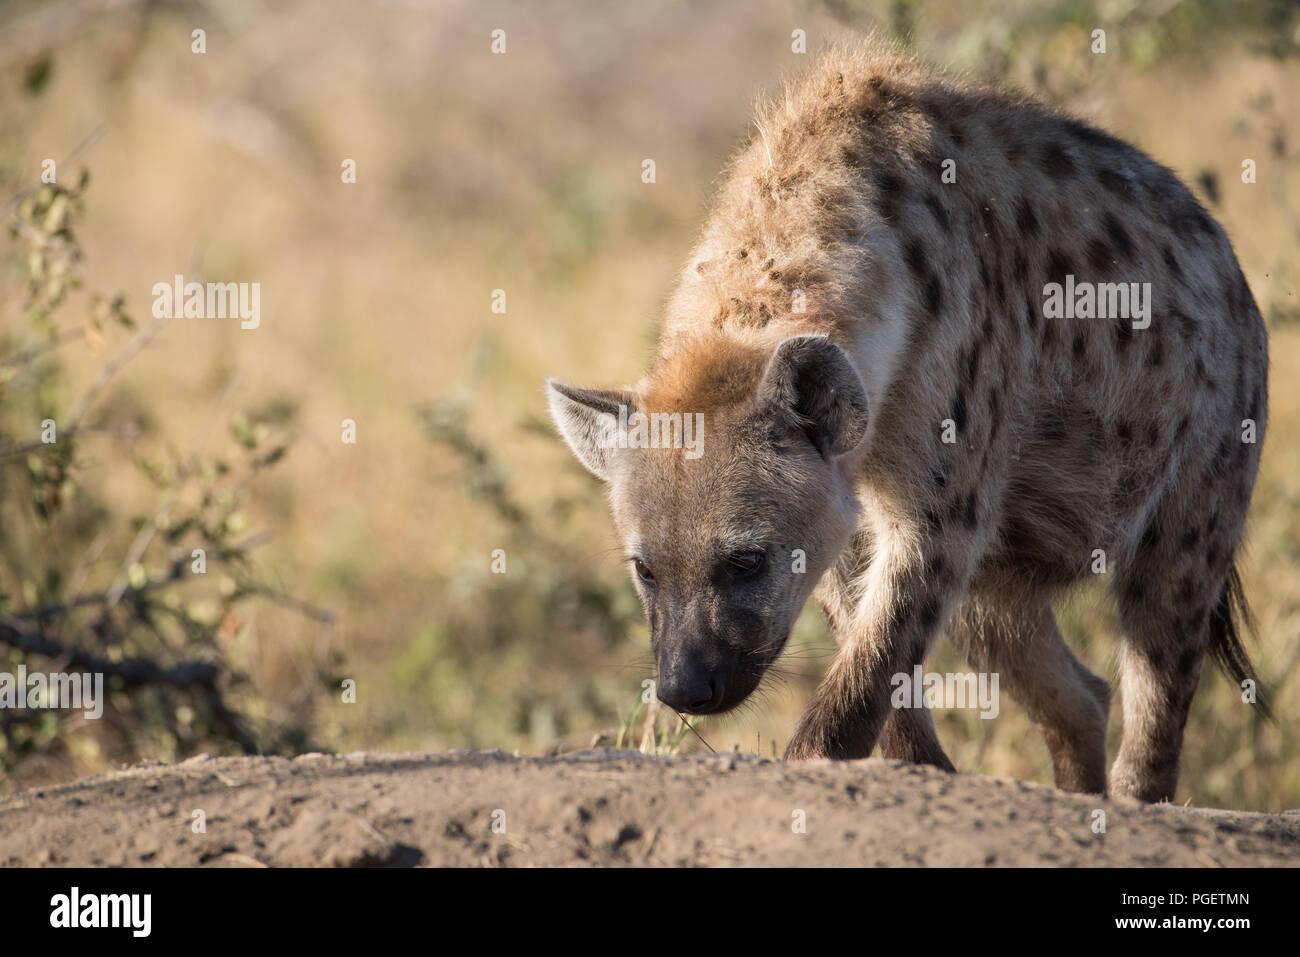 Vue avant de l'Hyène tachetée de marcher, la tête en bas, n'est-il renifle le sol. Photo Stock